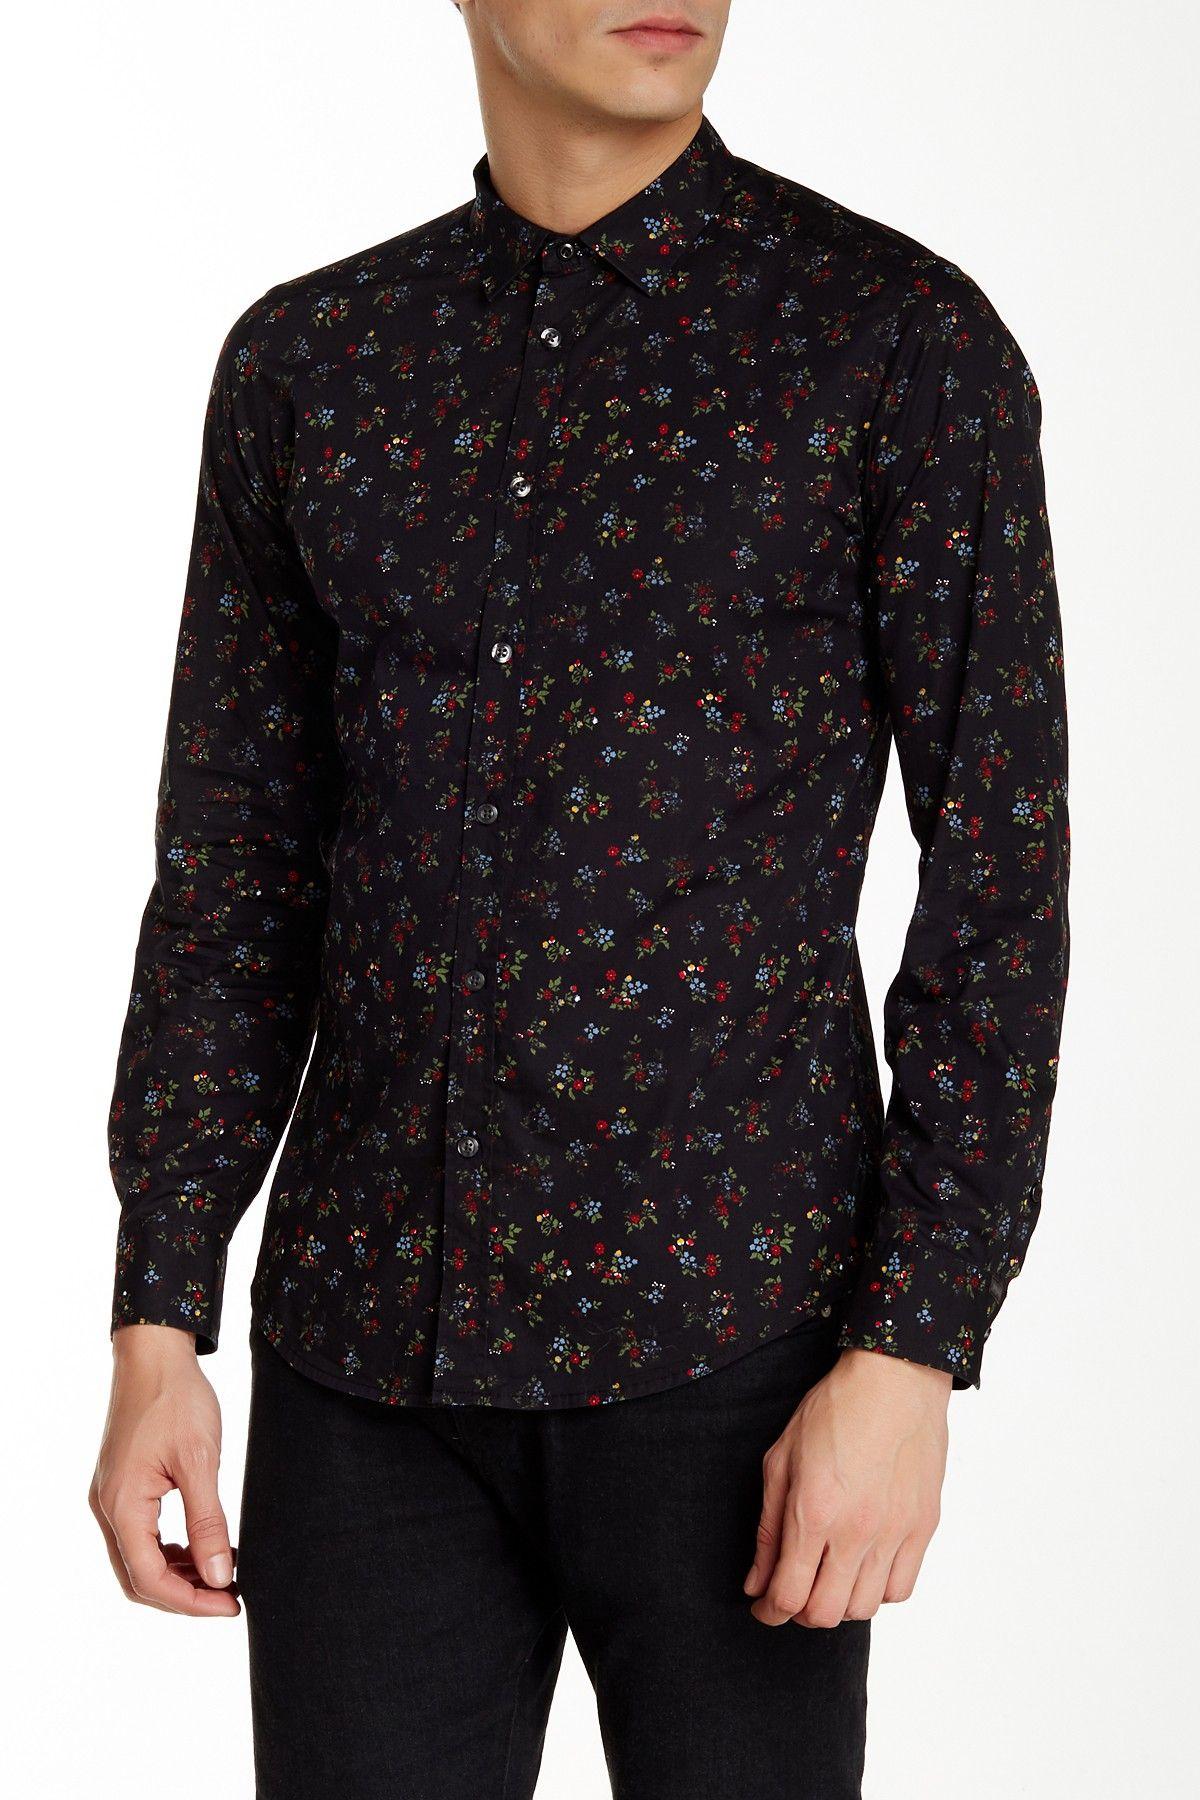 Dinar Floral Print Long Sleeve Shirt Shirt Sleeves Long Sleeve Shirts Shirts [ 1800 x 1200 Pixel ]